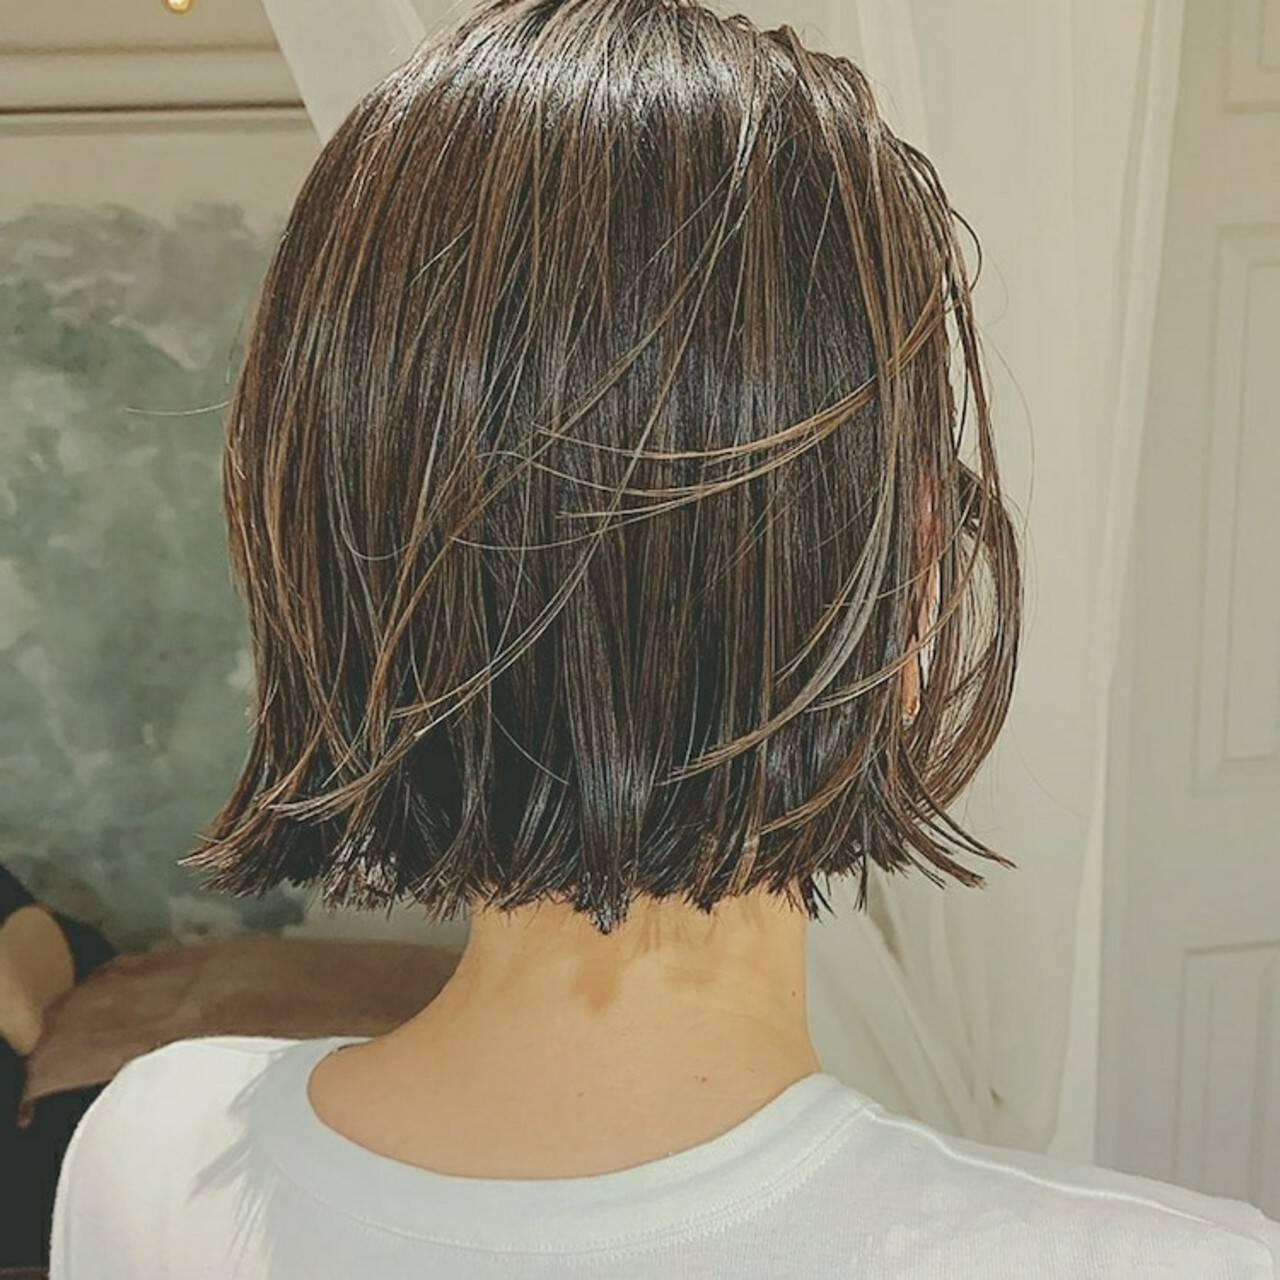 アンニュイほつれヘア ボブ インナーカラー ハイライトヘアスタイルや髪型の写真・画像